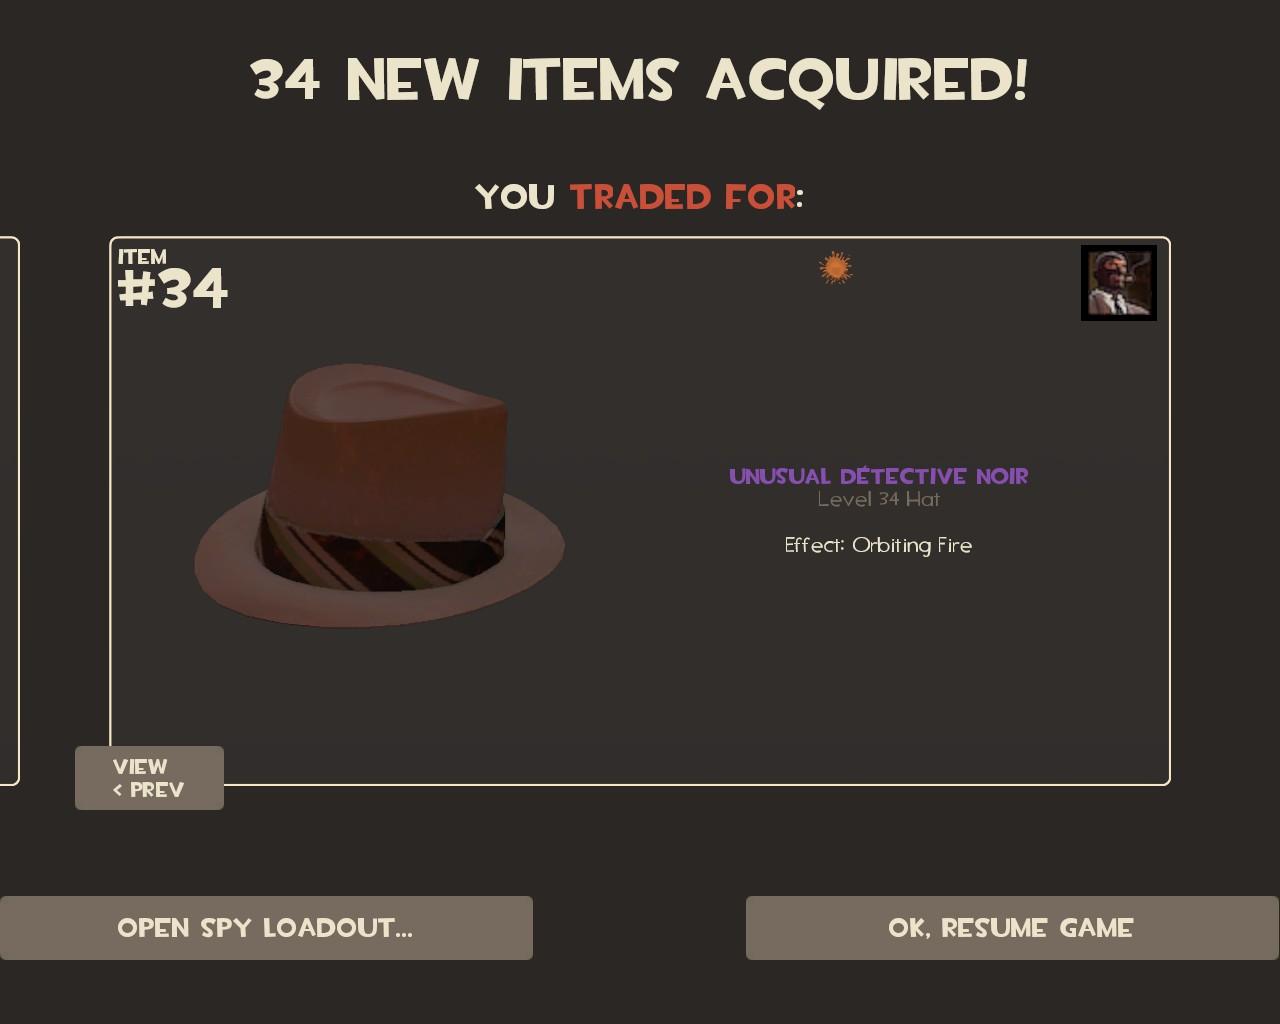 Steam Community :: Screenshot :: Orbiting Fire Detective Noir